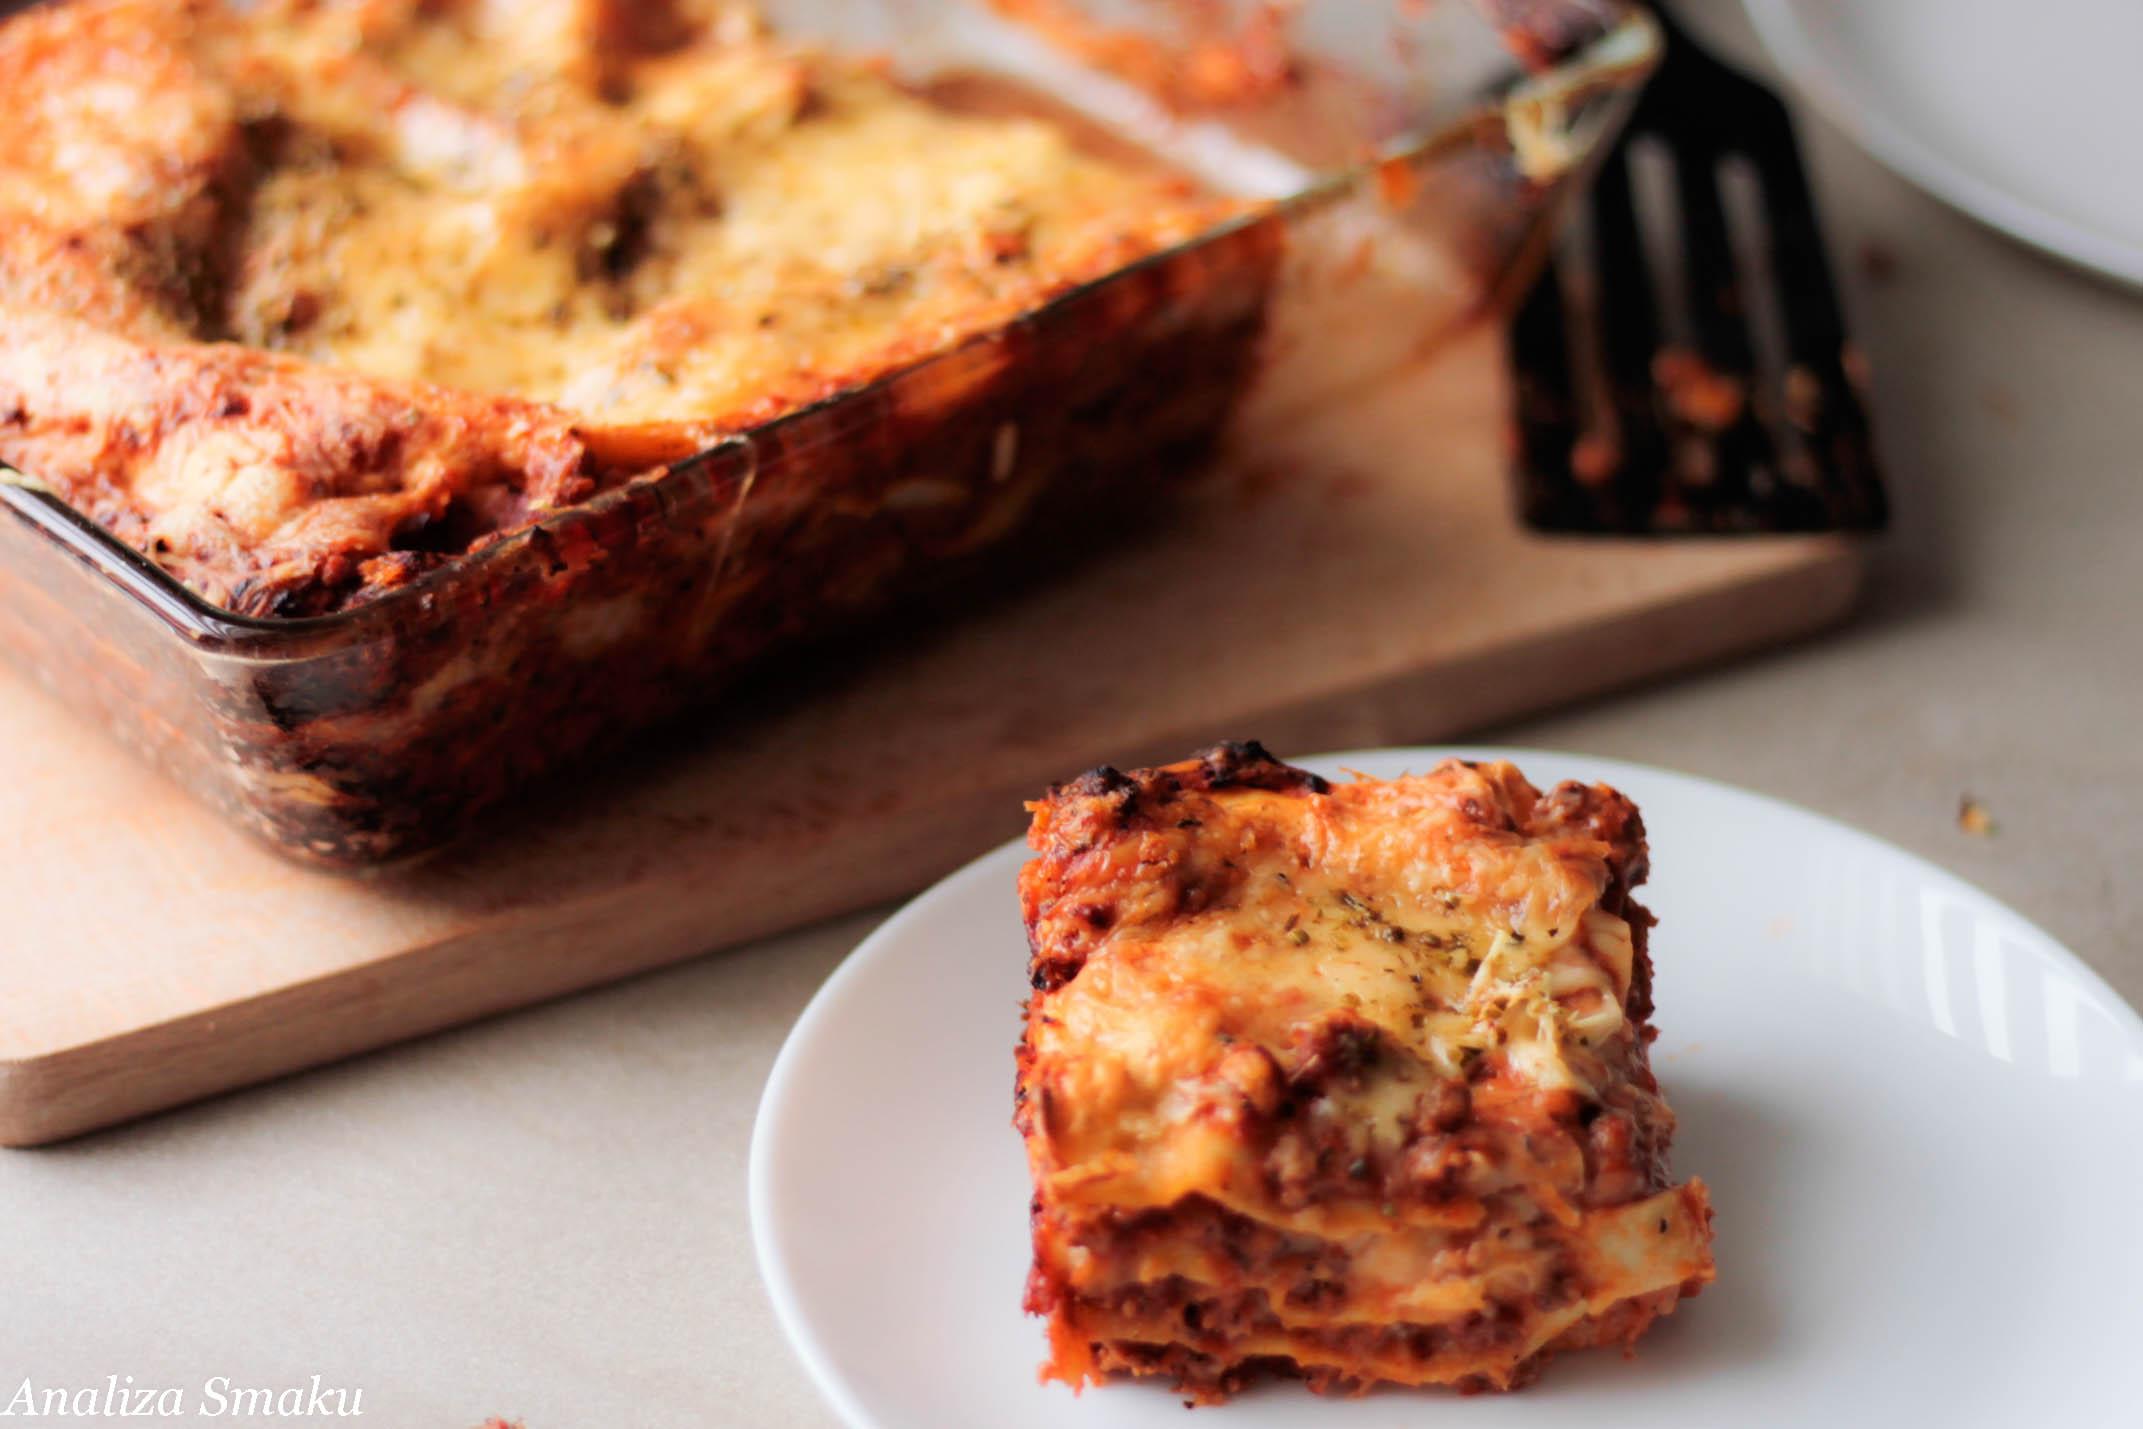 Klasyczna Lasagne Analiza Smaku Tutaj Liczy Sie Smak